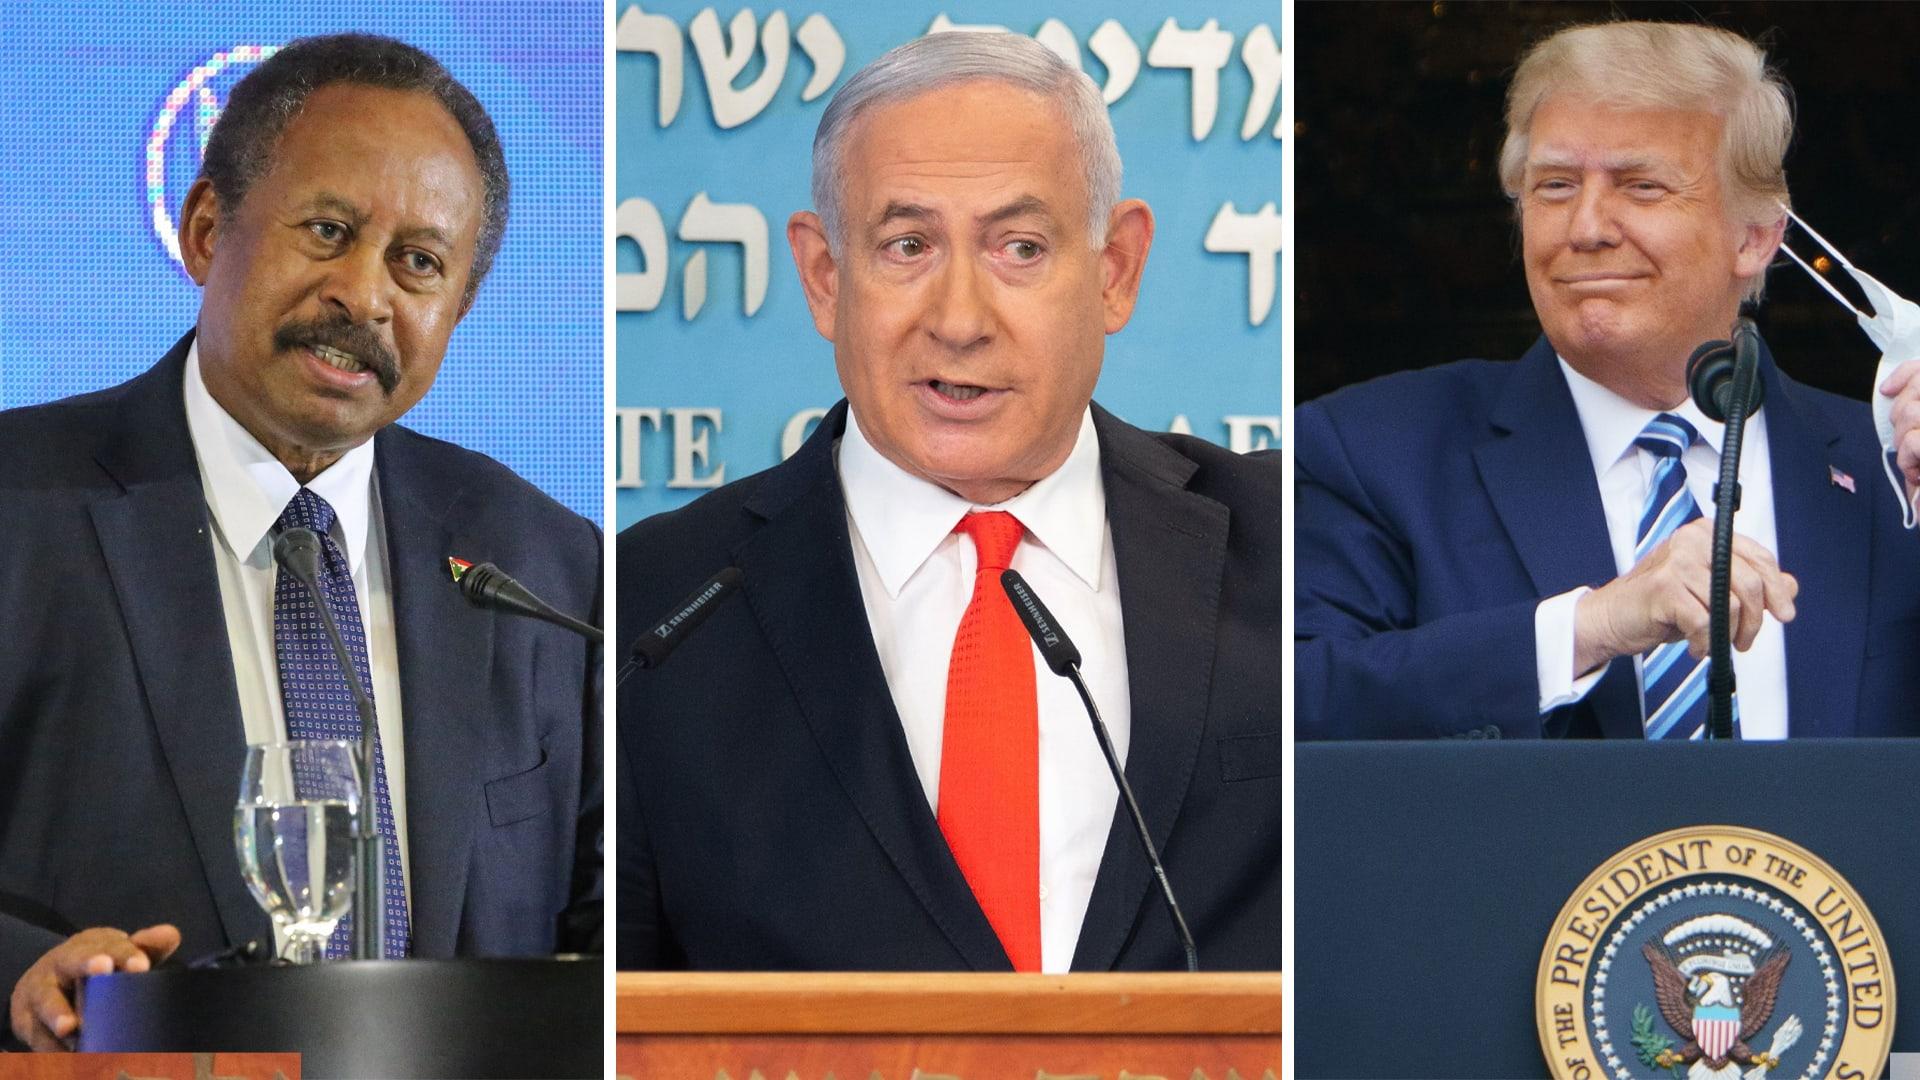 ترامب: السودان وإسرائيل اتفقا على تطبيع العلاقات